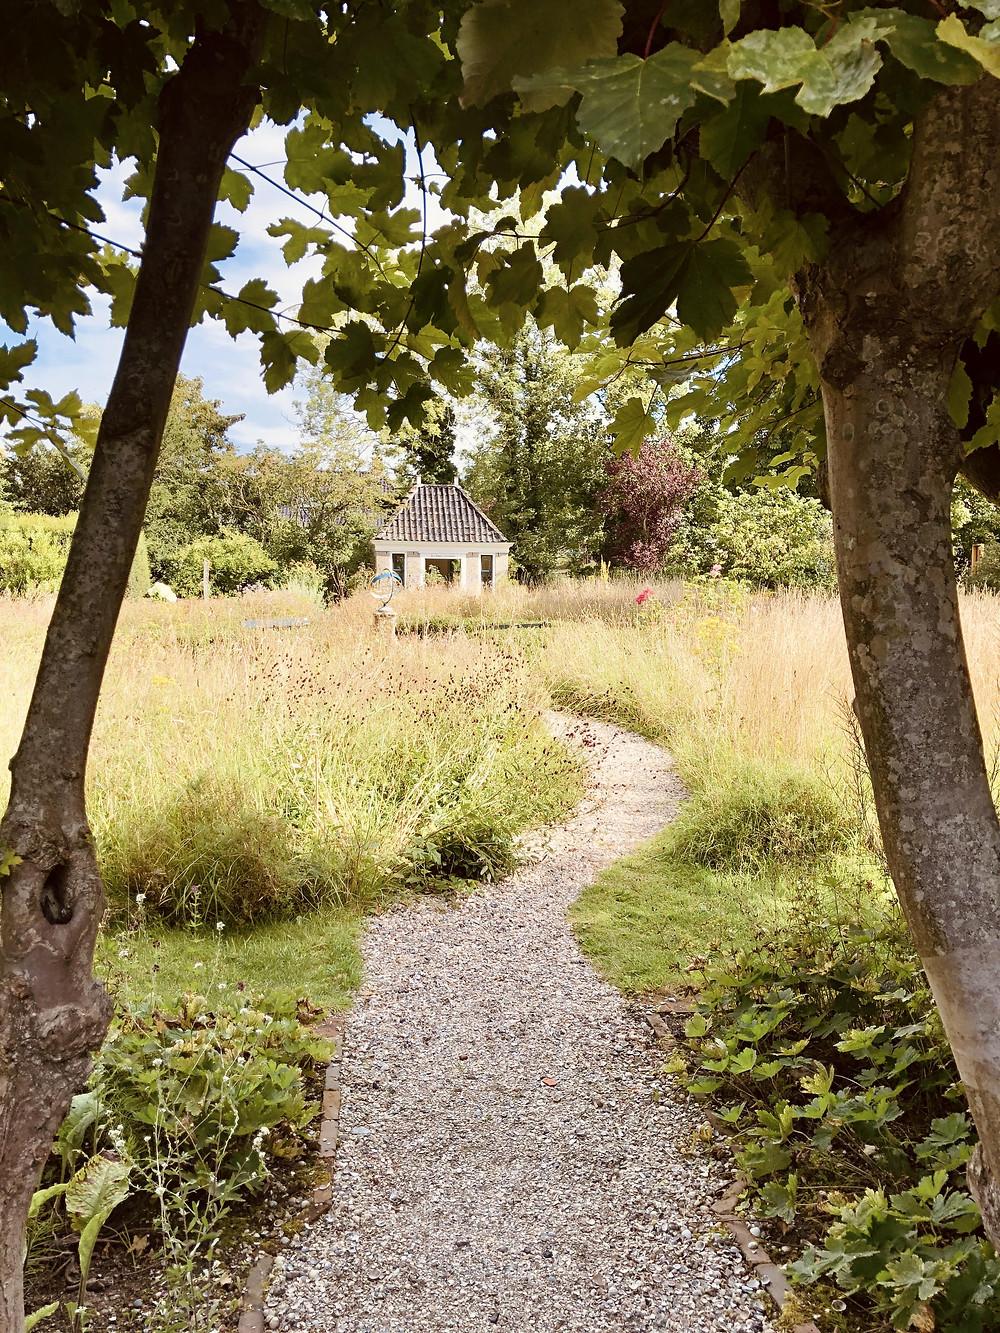 Botanical Garden Domies Toen Pieterburen-Groningen province